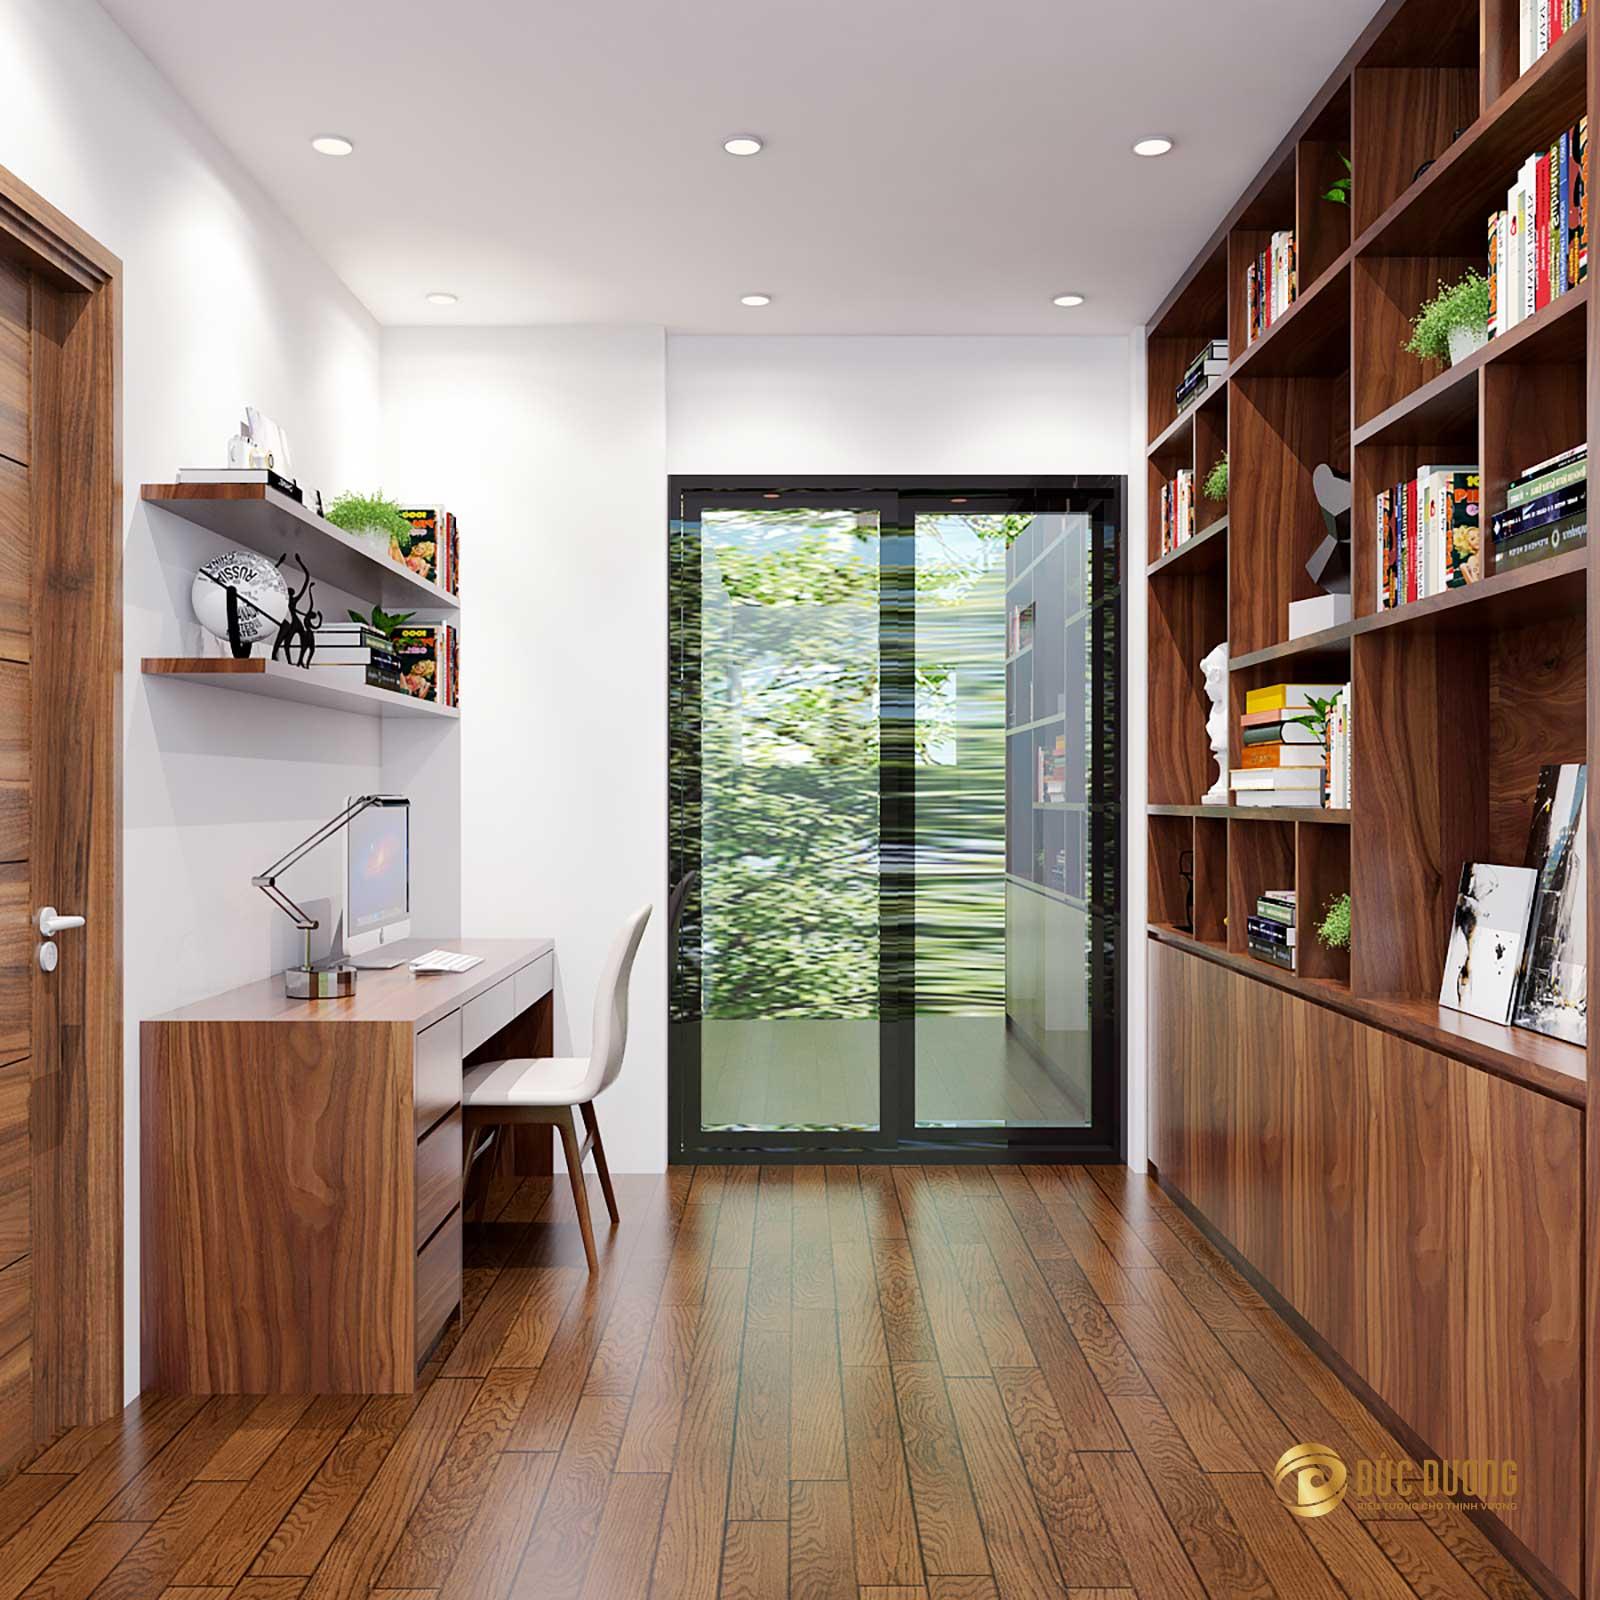 Thiết kế nội thất gia đình hợp phong thủy 17